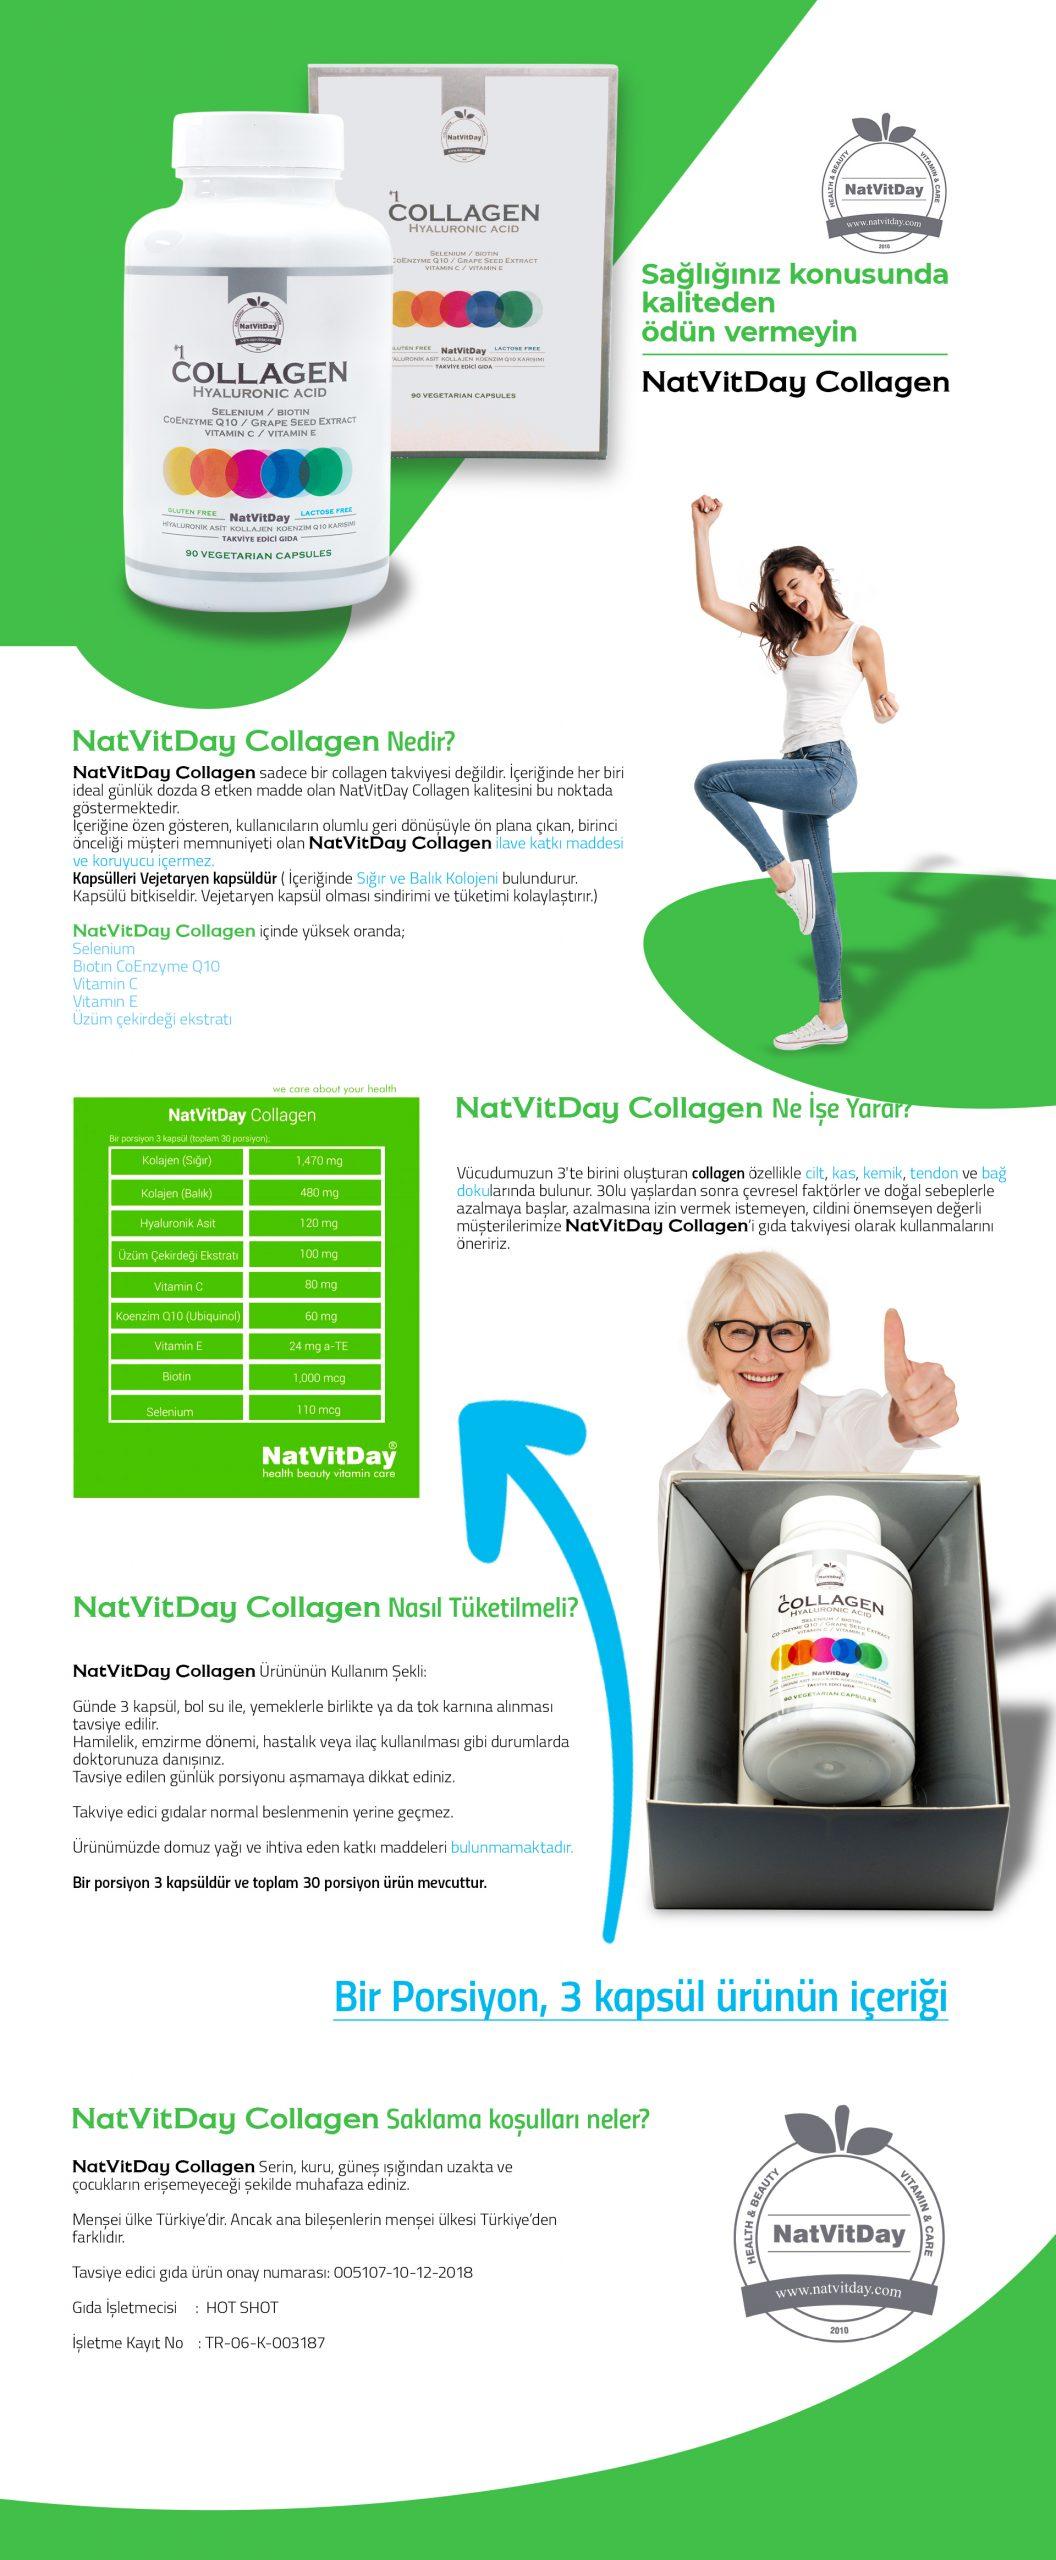 NatVitDay Collagen